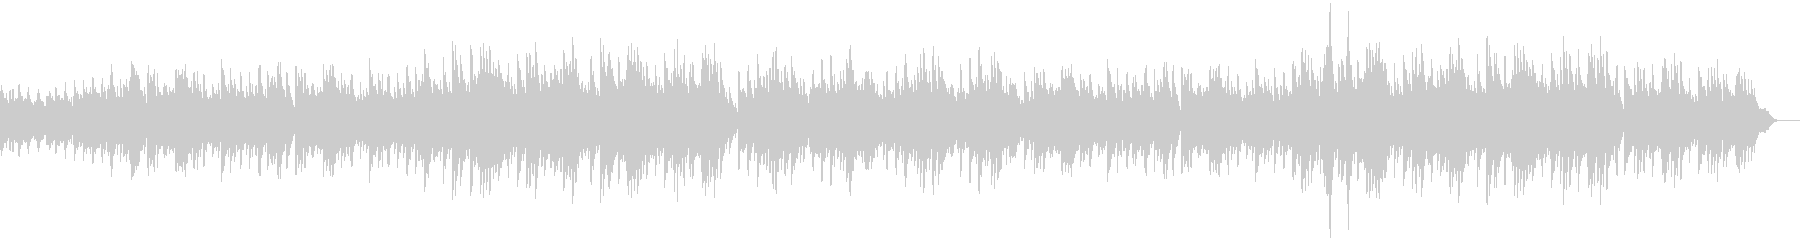 ピアノとストリングスの壮大なバラードの未再生の波形